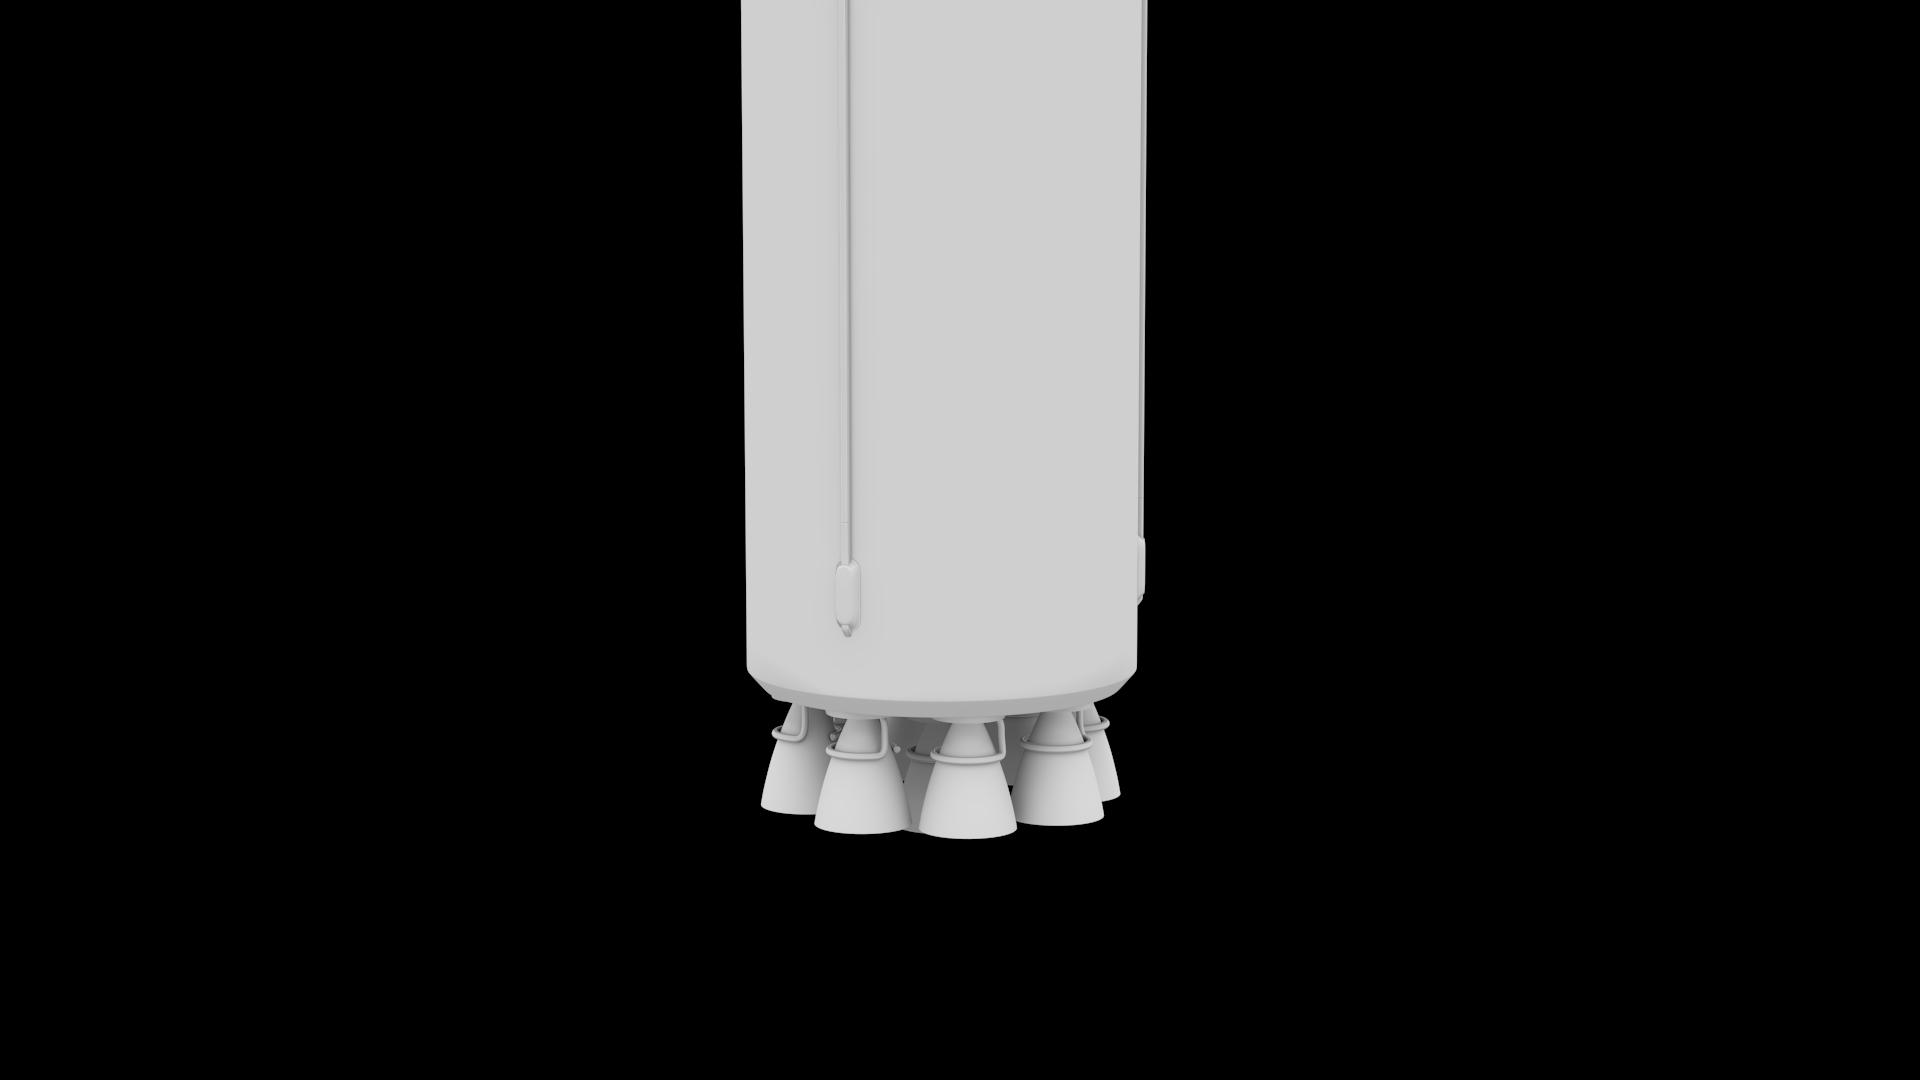 falcon 9 v1.2 non reusable 3d model max fbx c4d lwo ma mb hrc xsi obj 277793